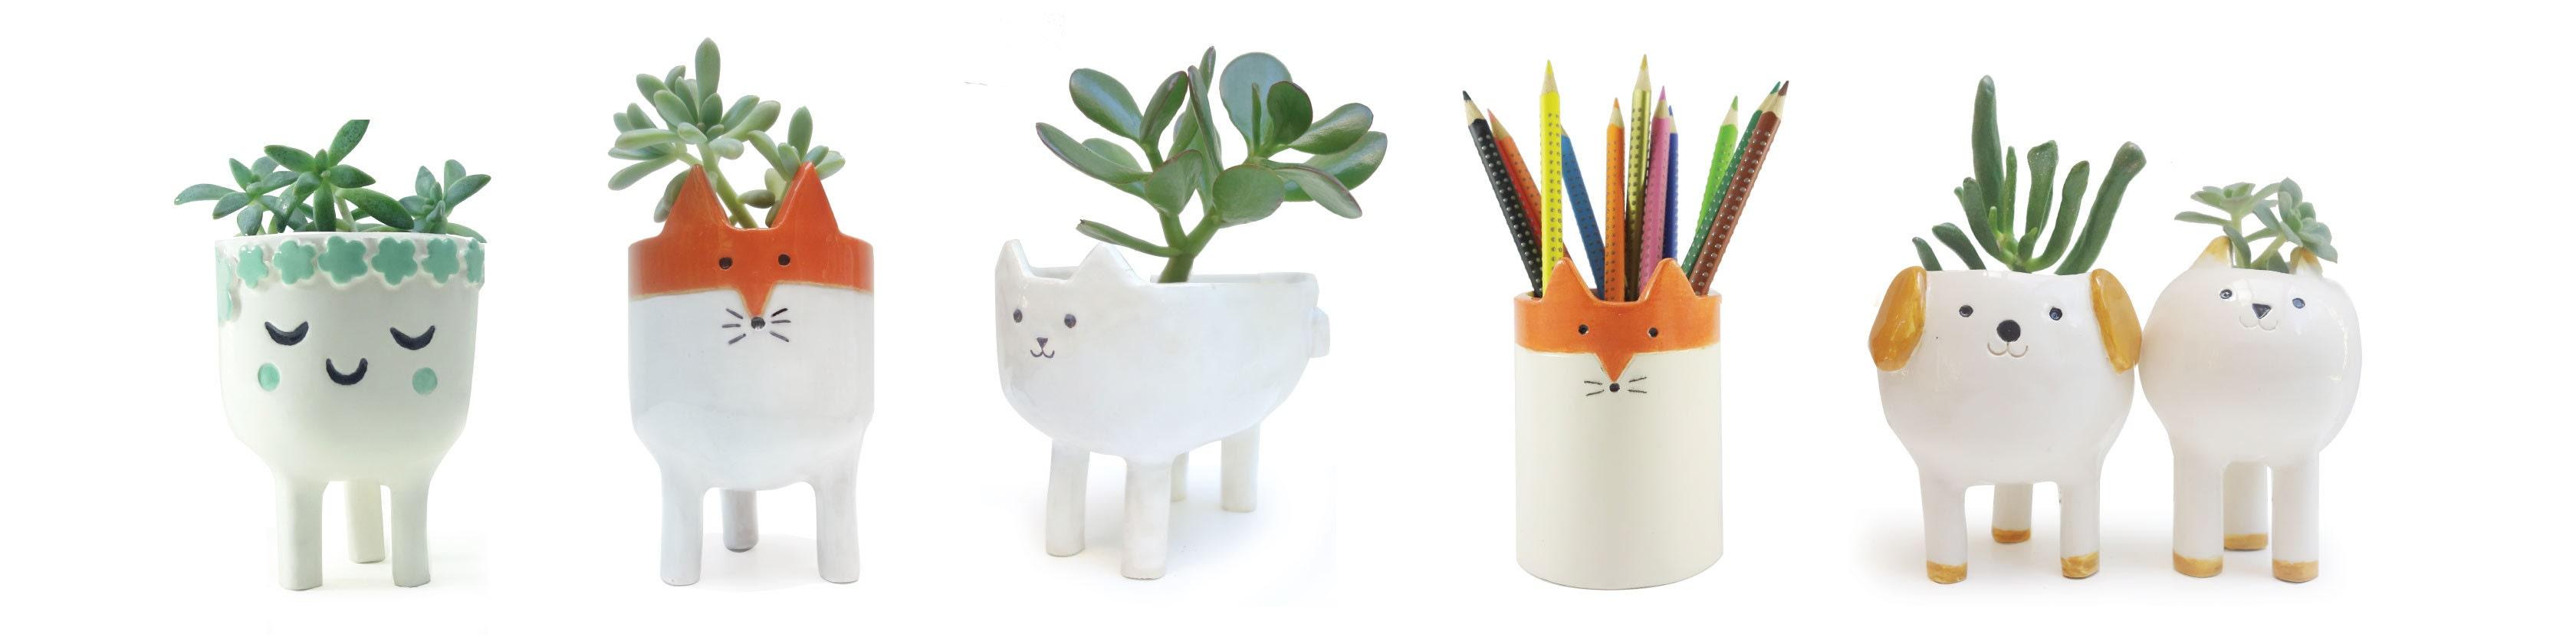 Des petits pots mignons pour plantes vert cerise blog diy do it yourself lifestyle et for Petit plante pour bureau montpellier